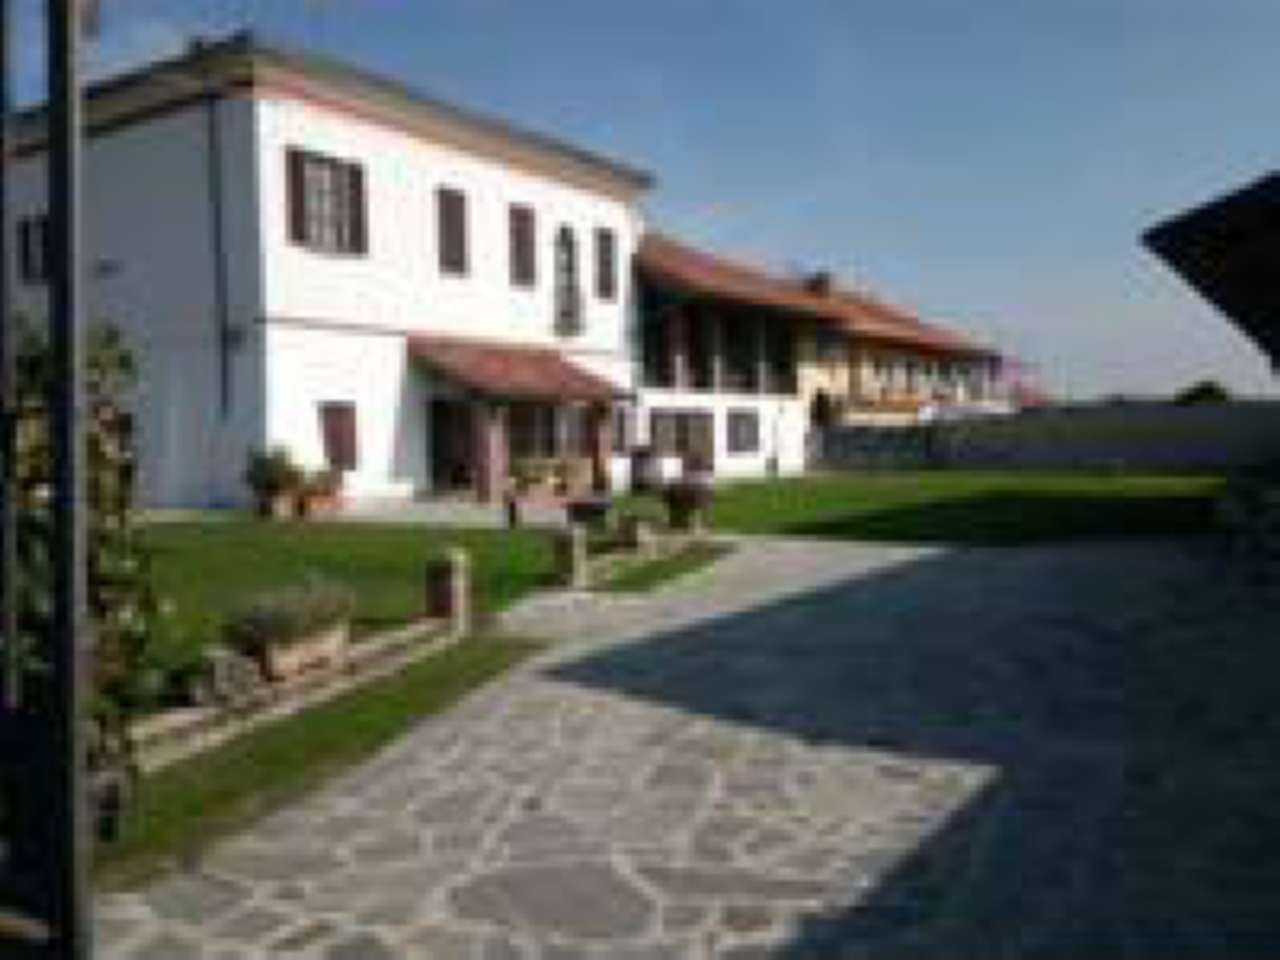 Negozio / Locale in affitto a Verolengo, 10 locali, Trattative riservate | PortaleAgenzieImmobiliari.it